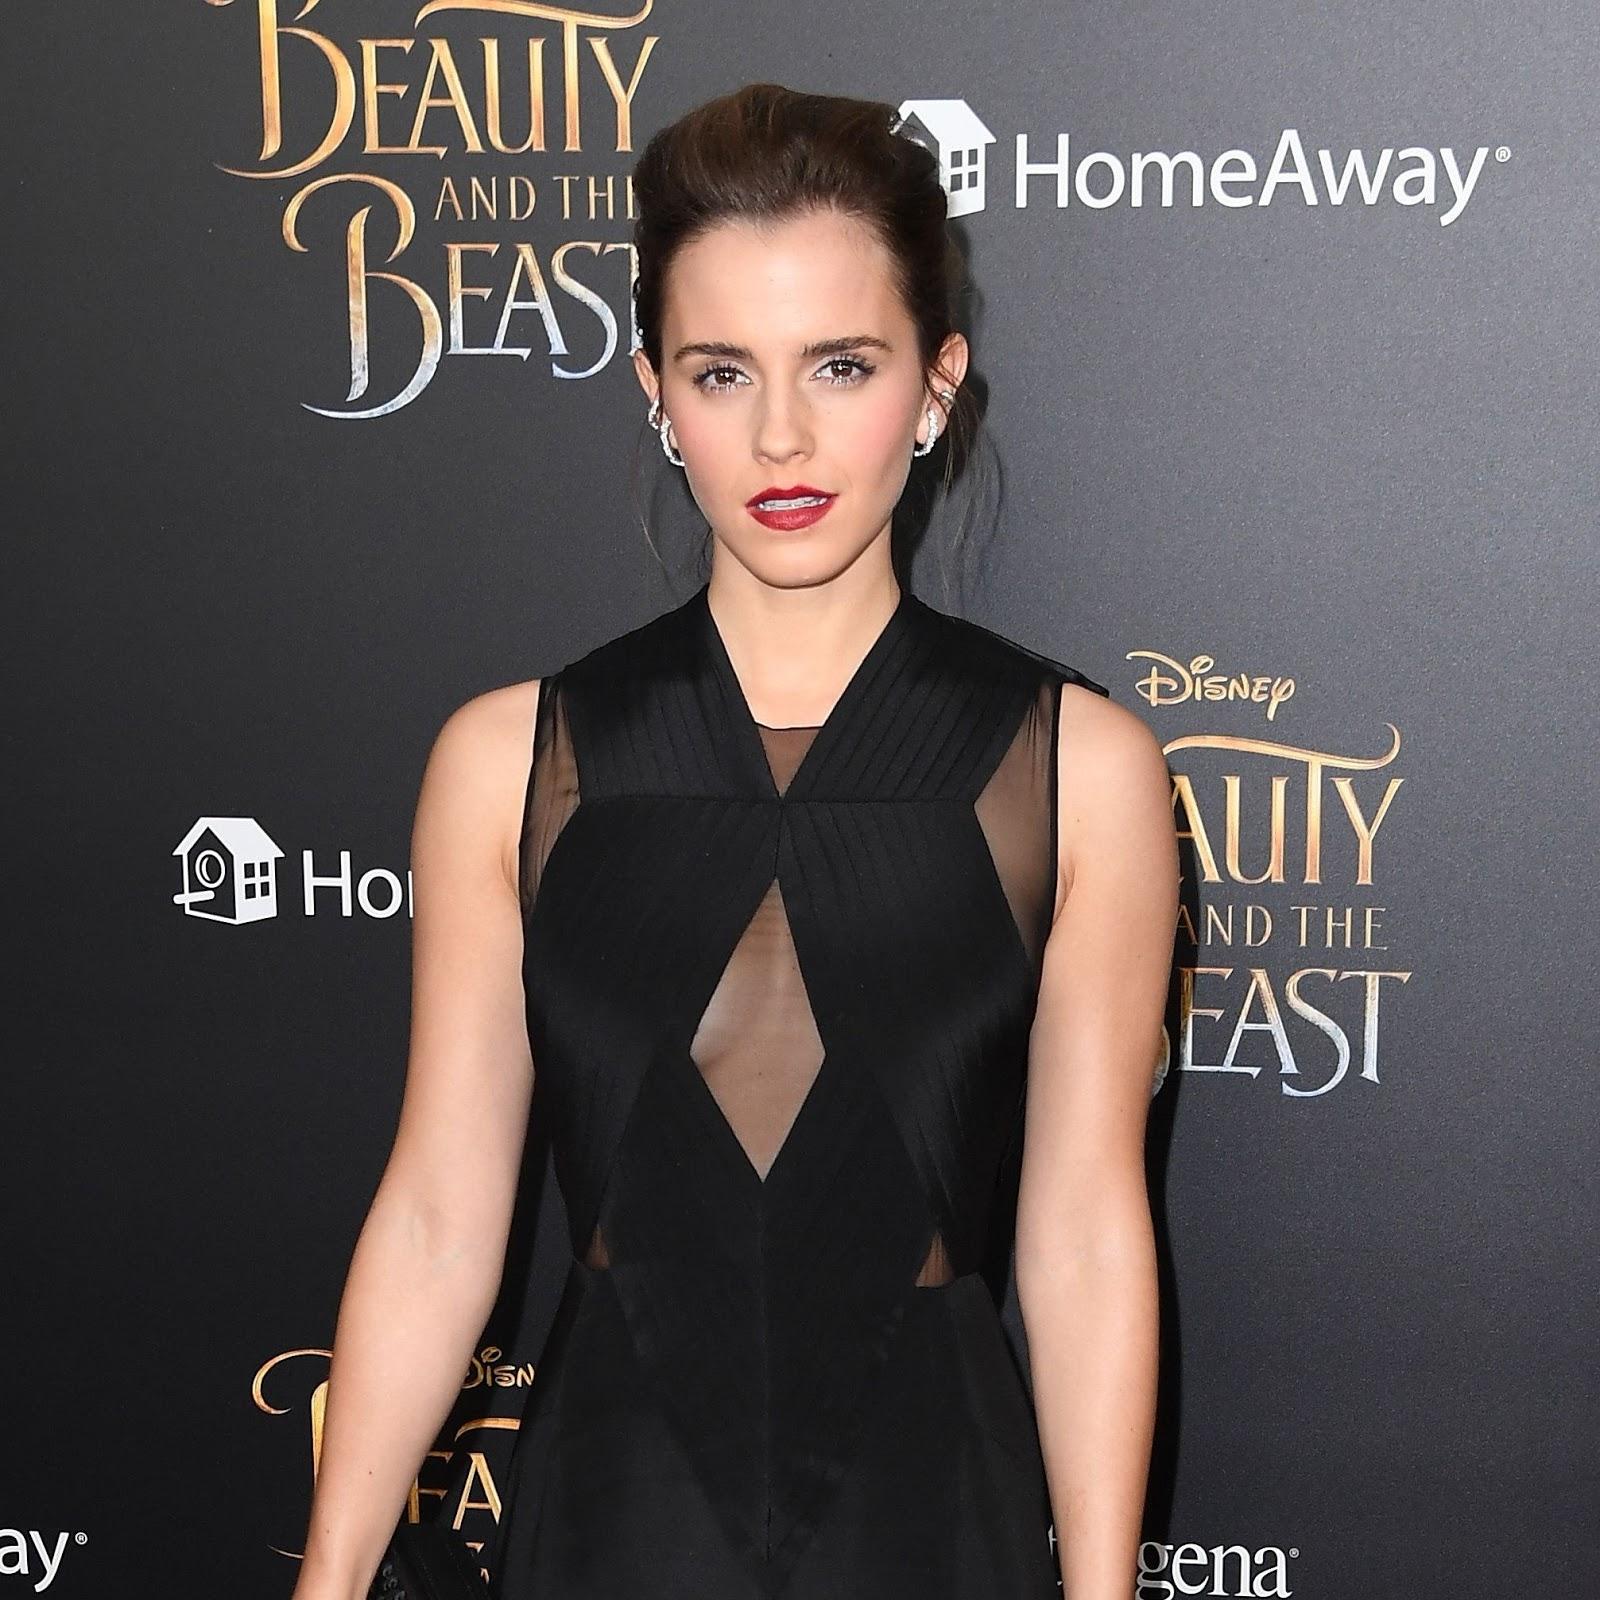 'Incrivelmente sutil', diz Emma Watson sobre sobre personagem gay em 'A Bela e a Fera'